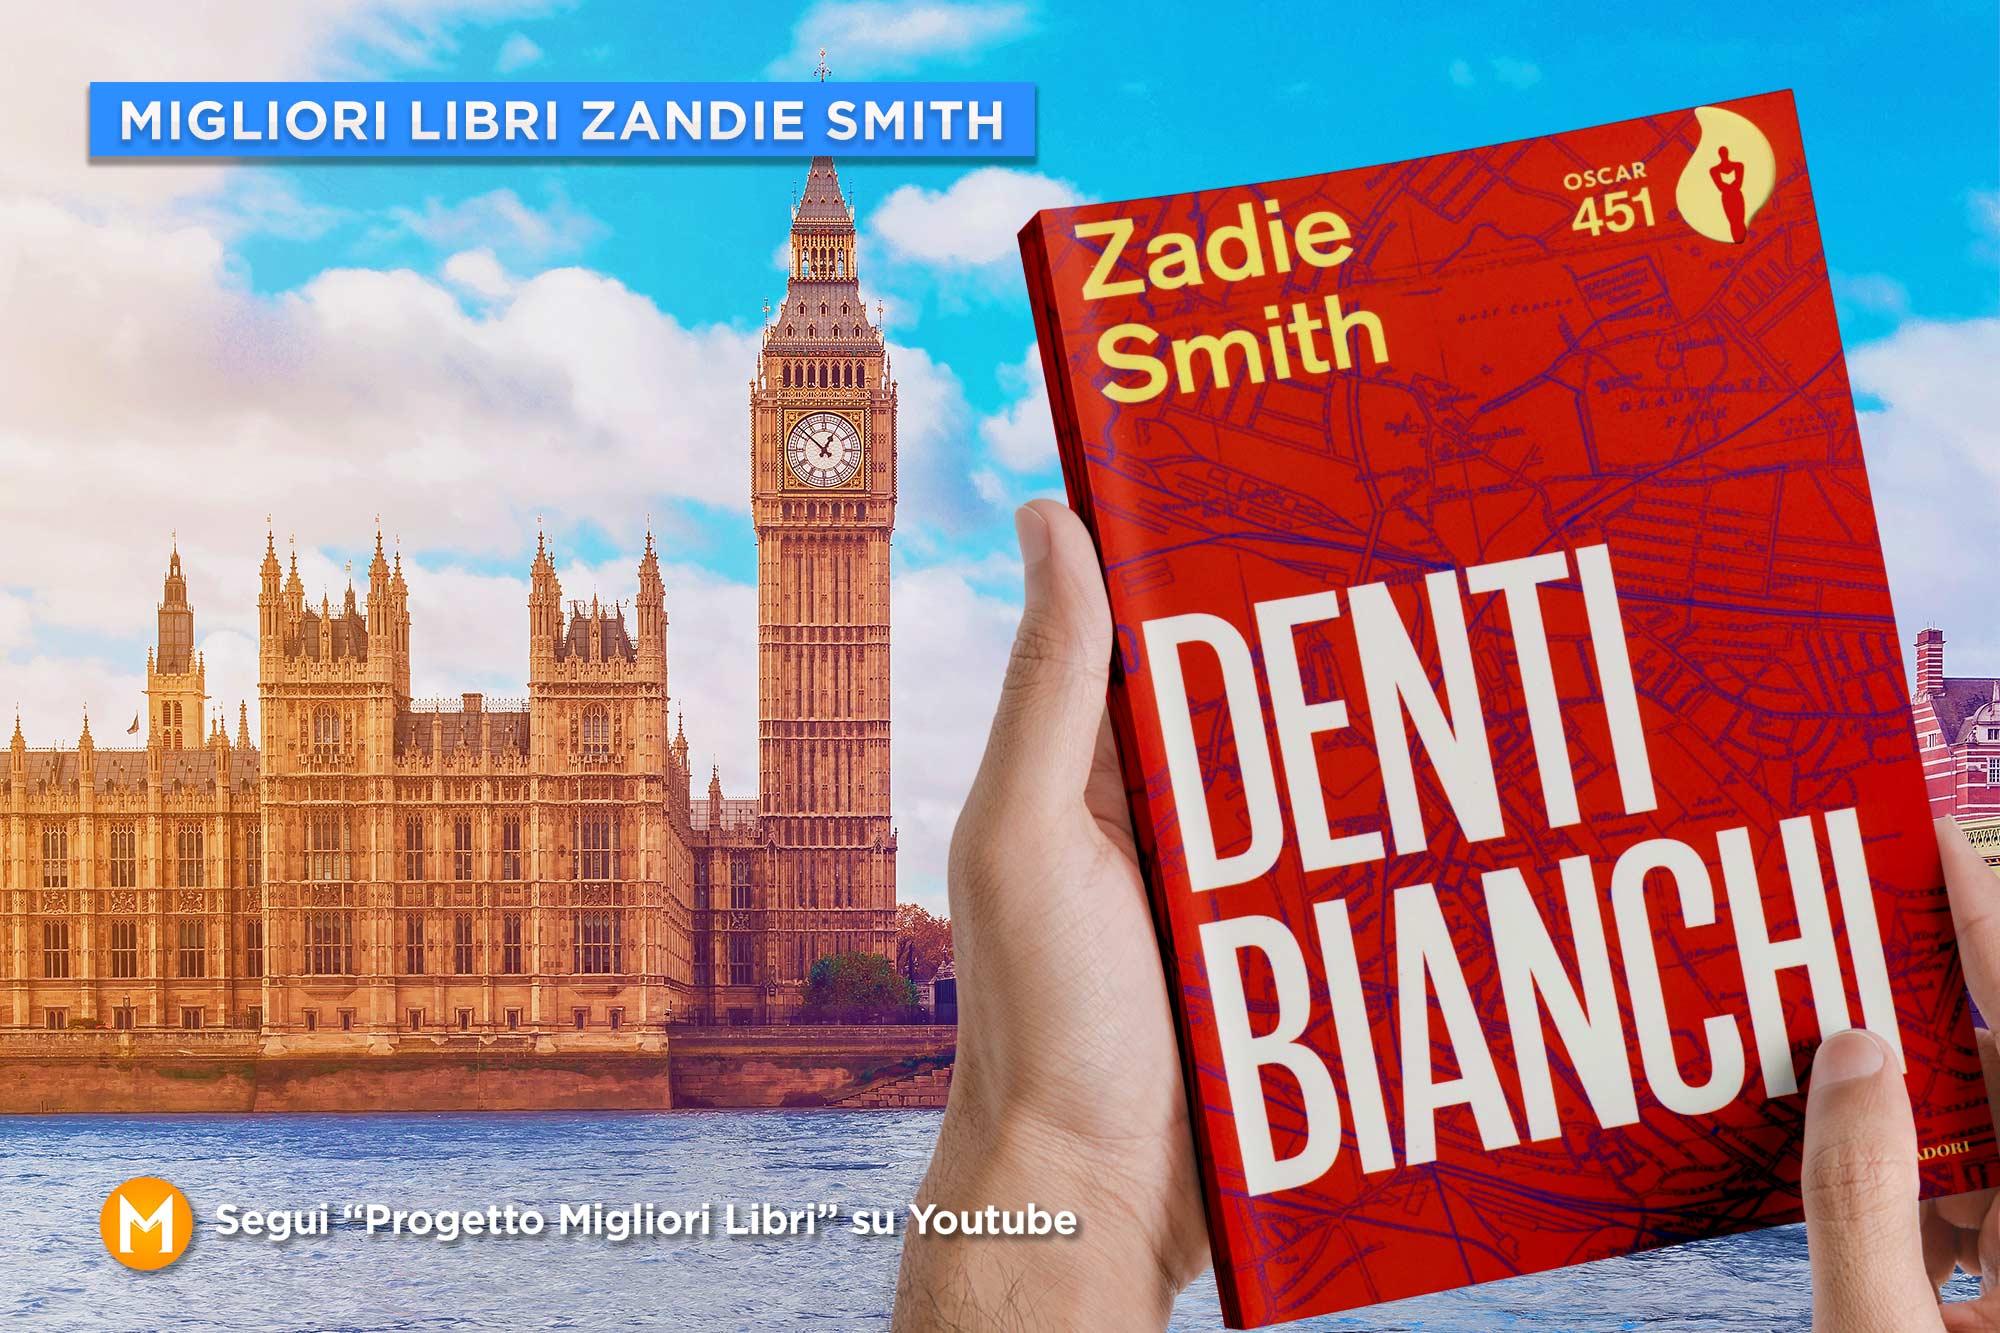 migliori-libri-zandie-smith